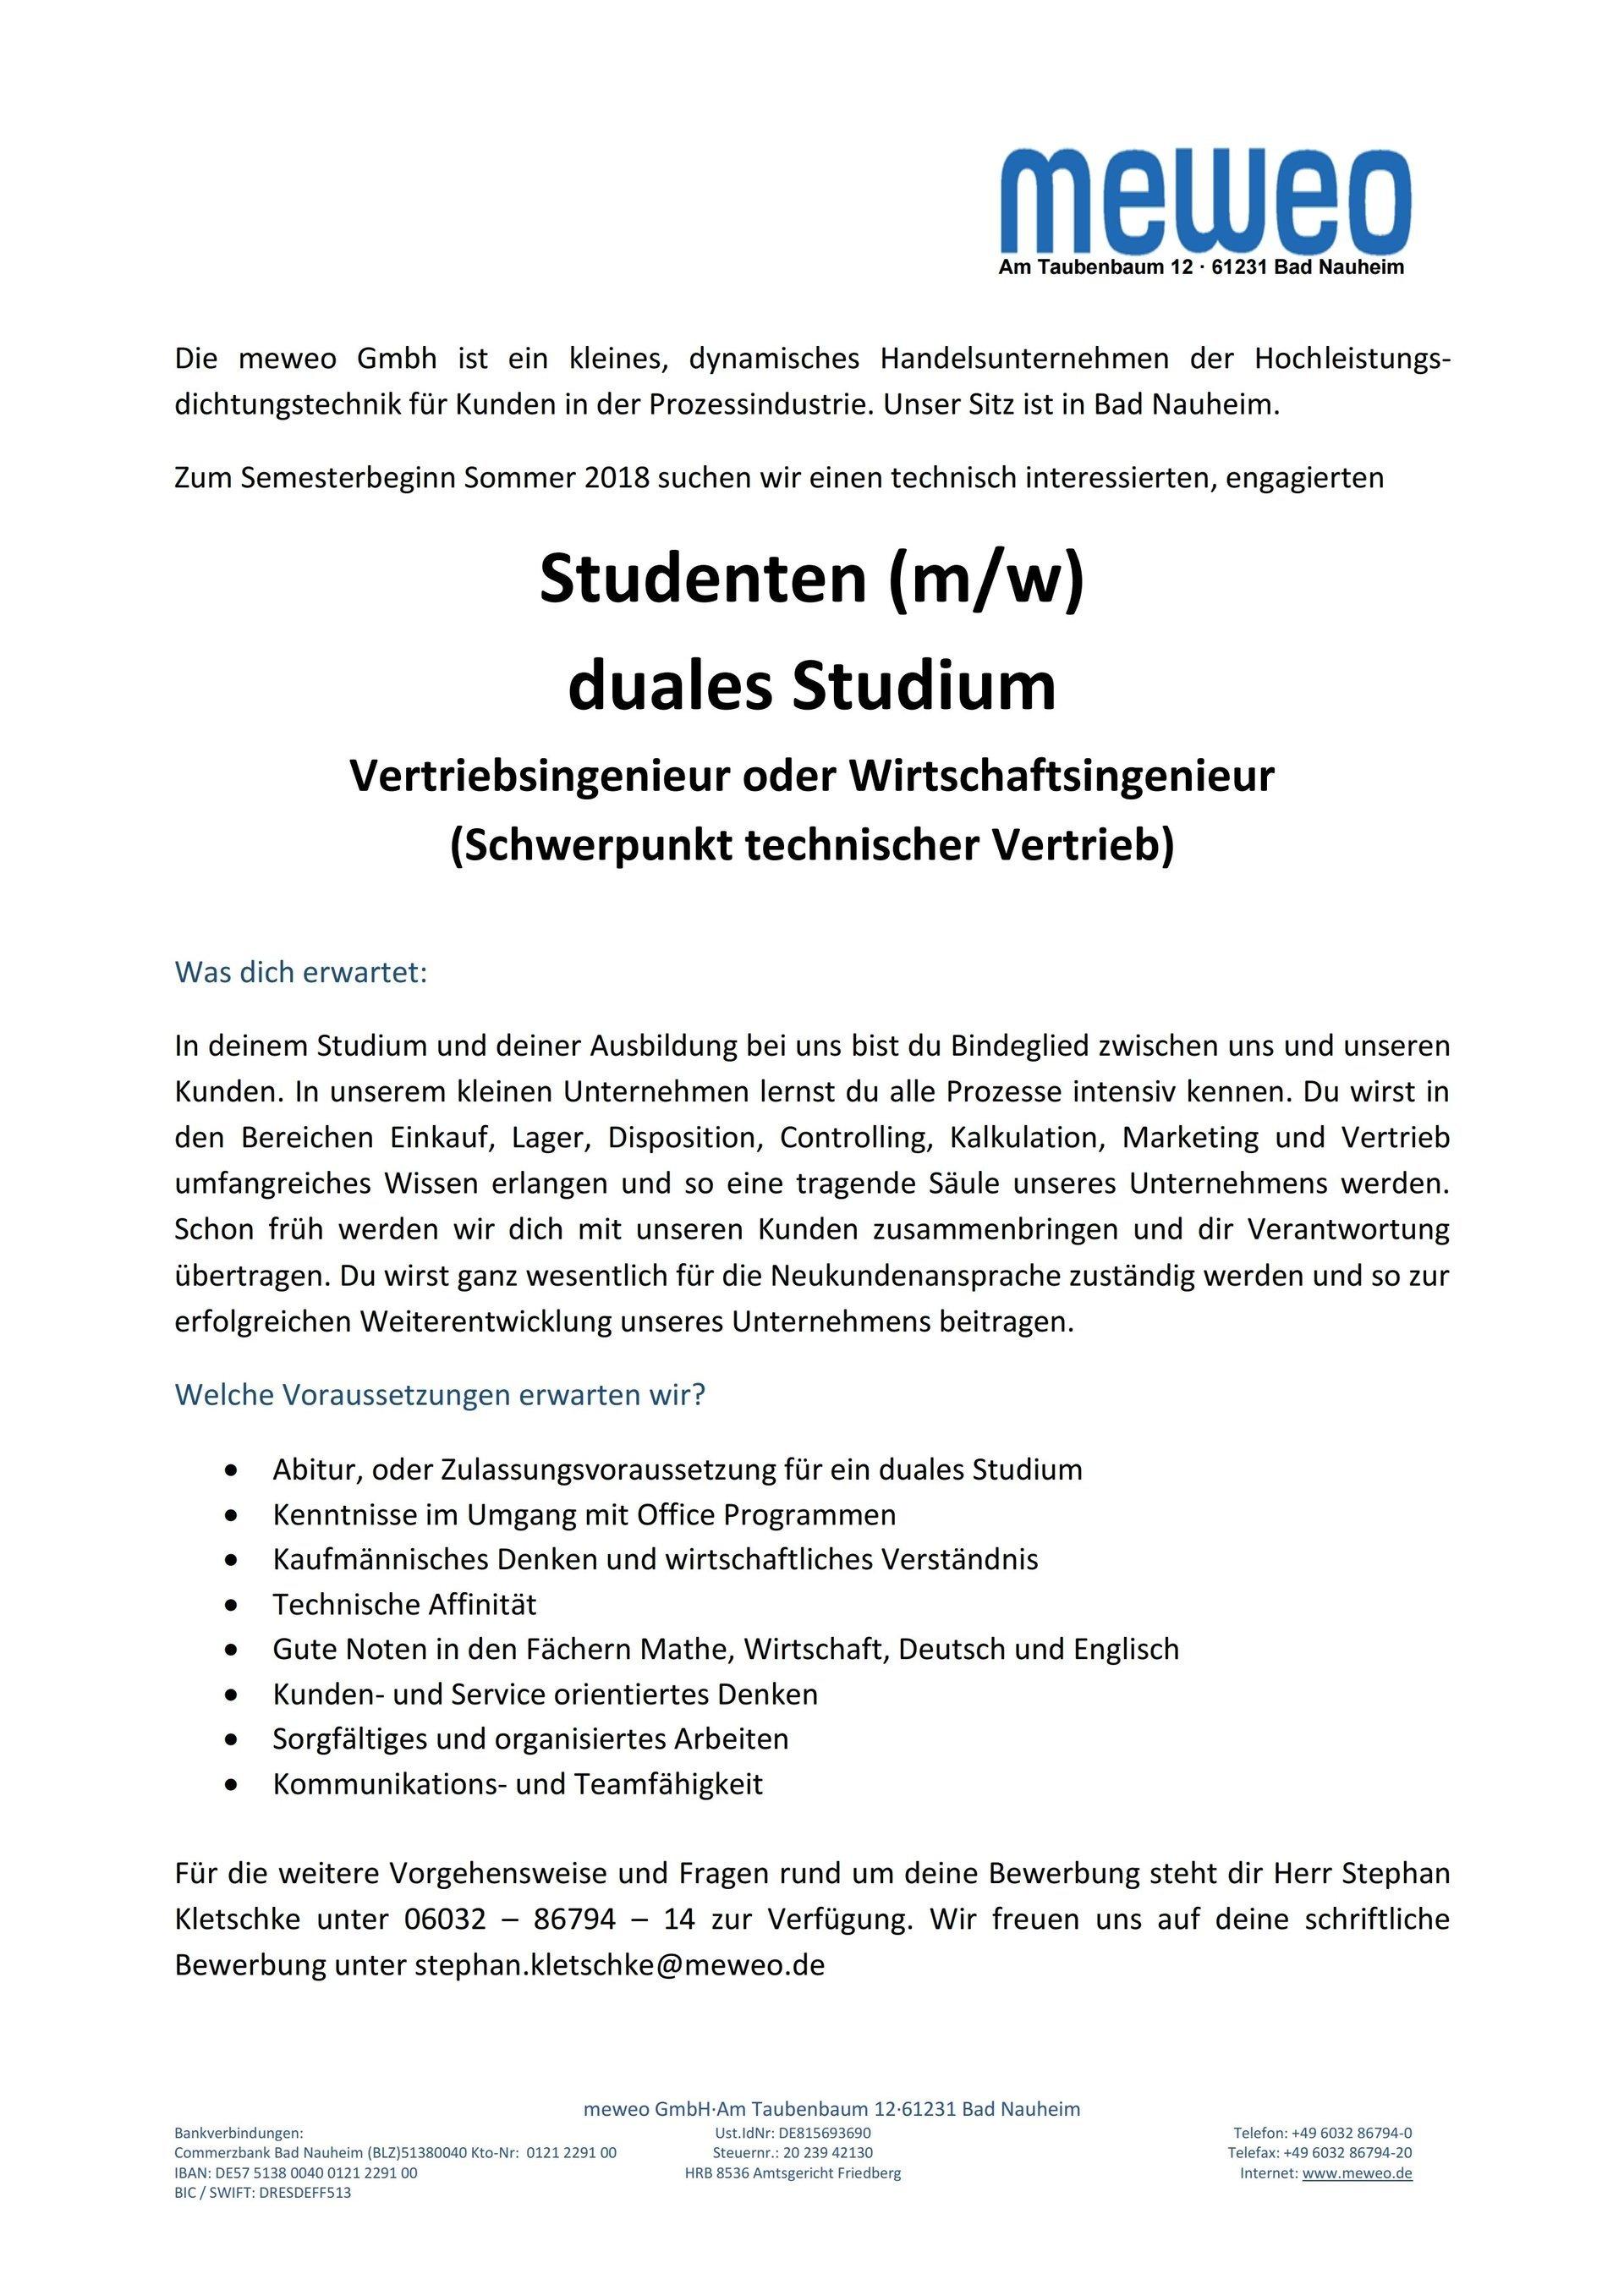 Charmant Bewerbungen Für Technische Studenten Bilder - Beispiel ...